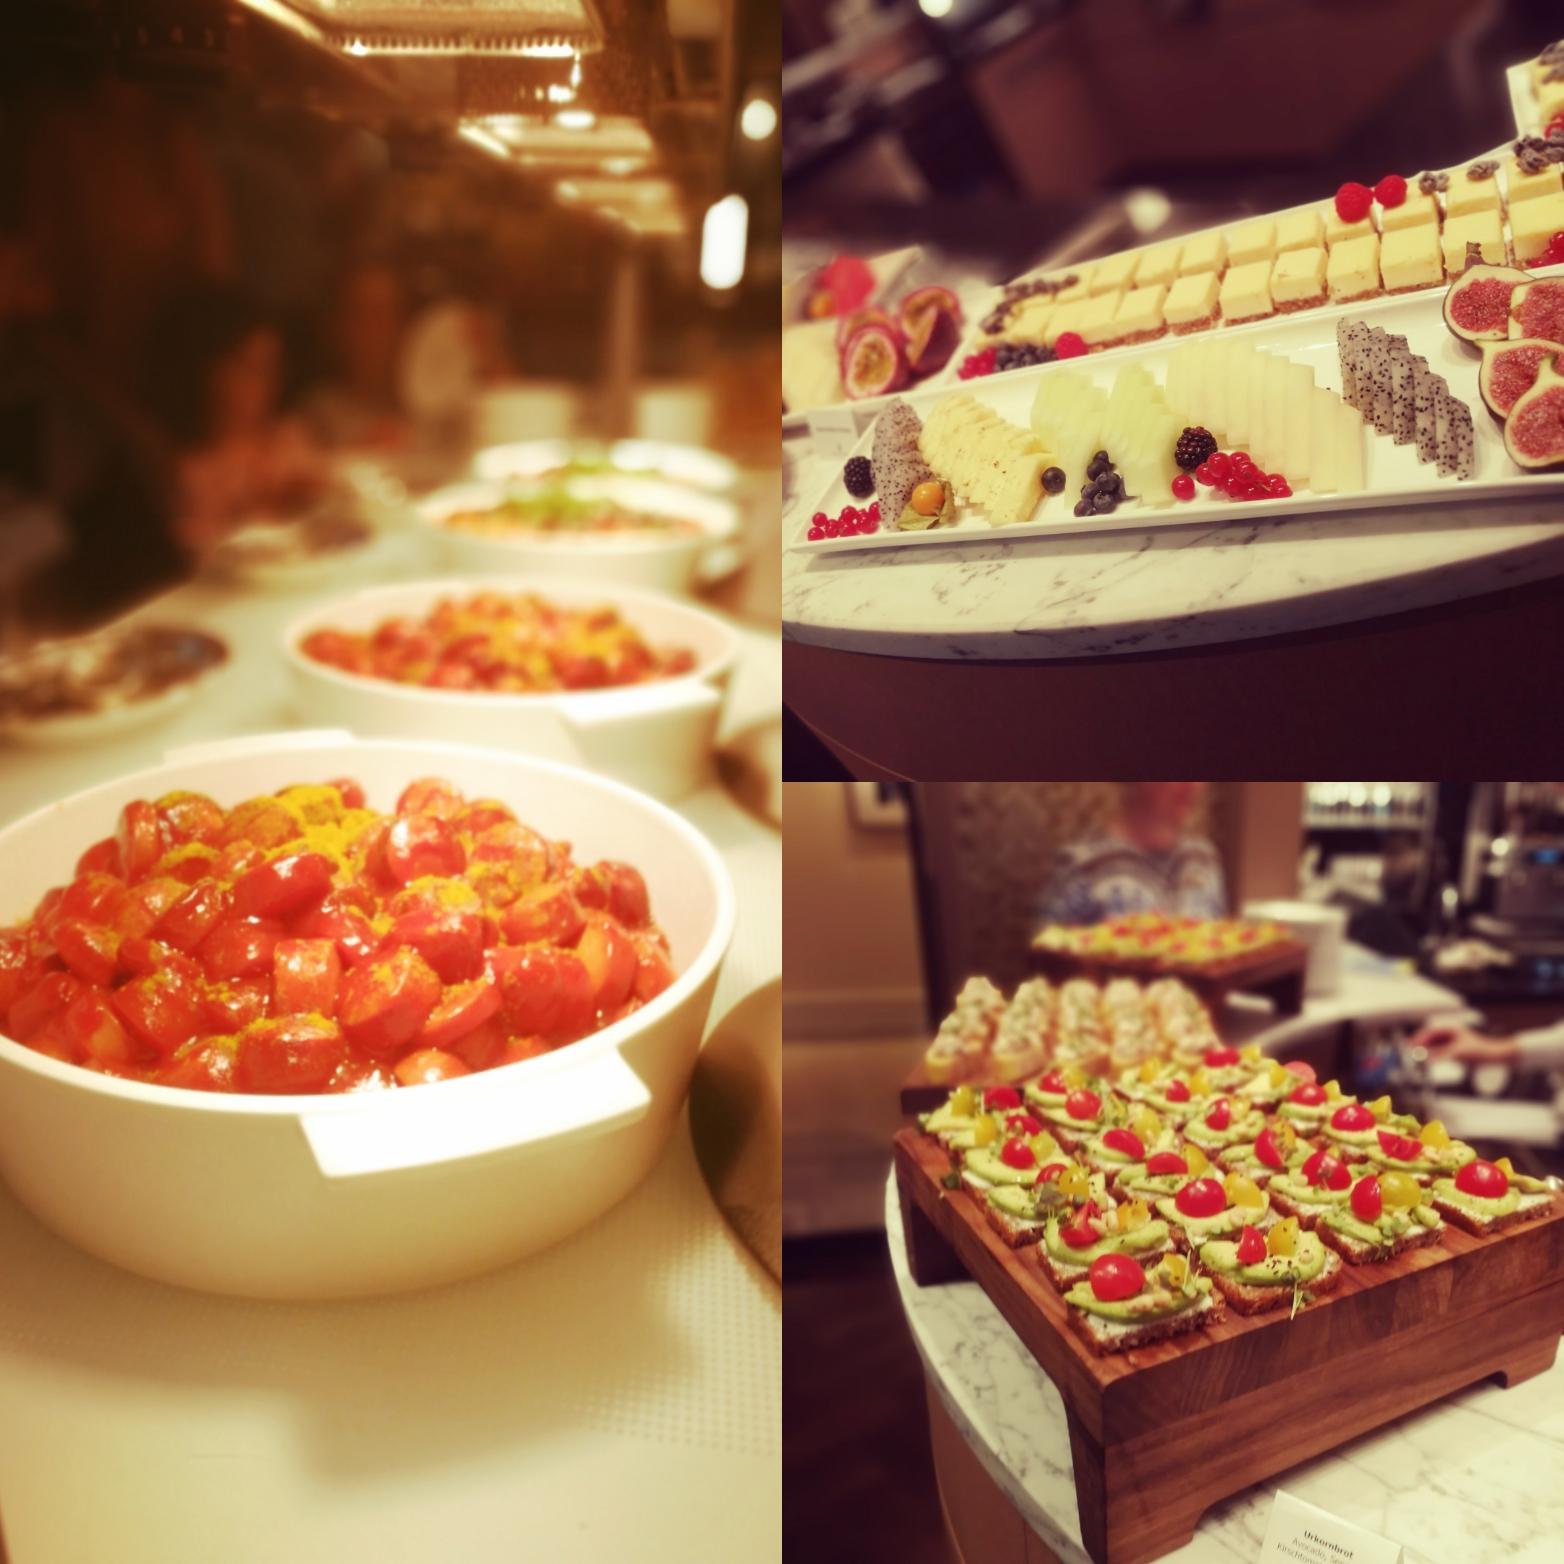 Abendessen im Ritz Carlton in Wolfsburg - mit Currywurst und Käsekuchen